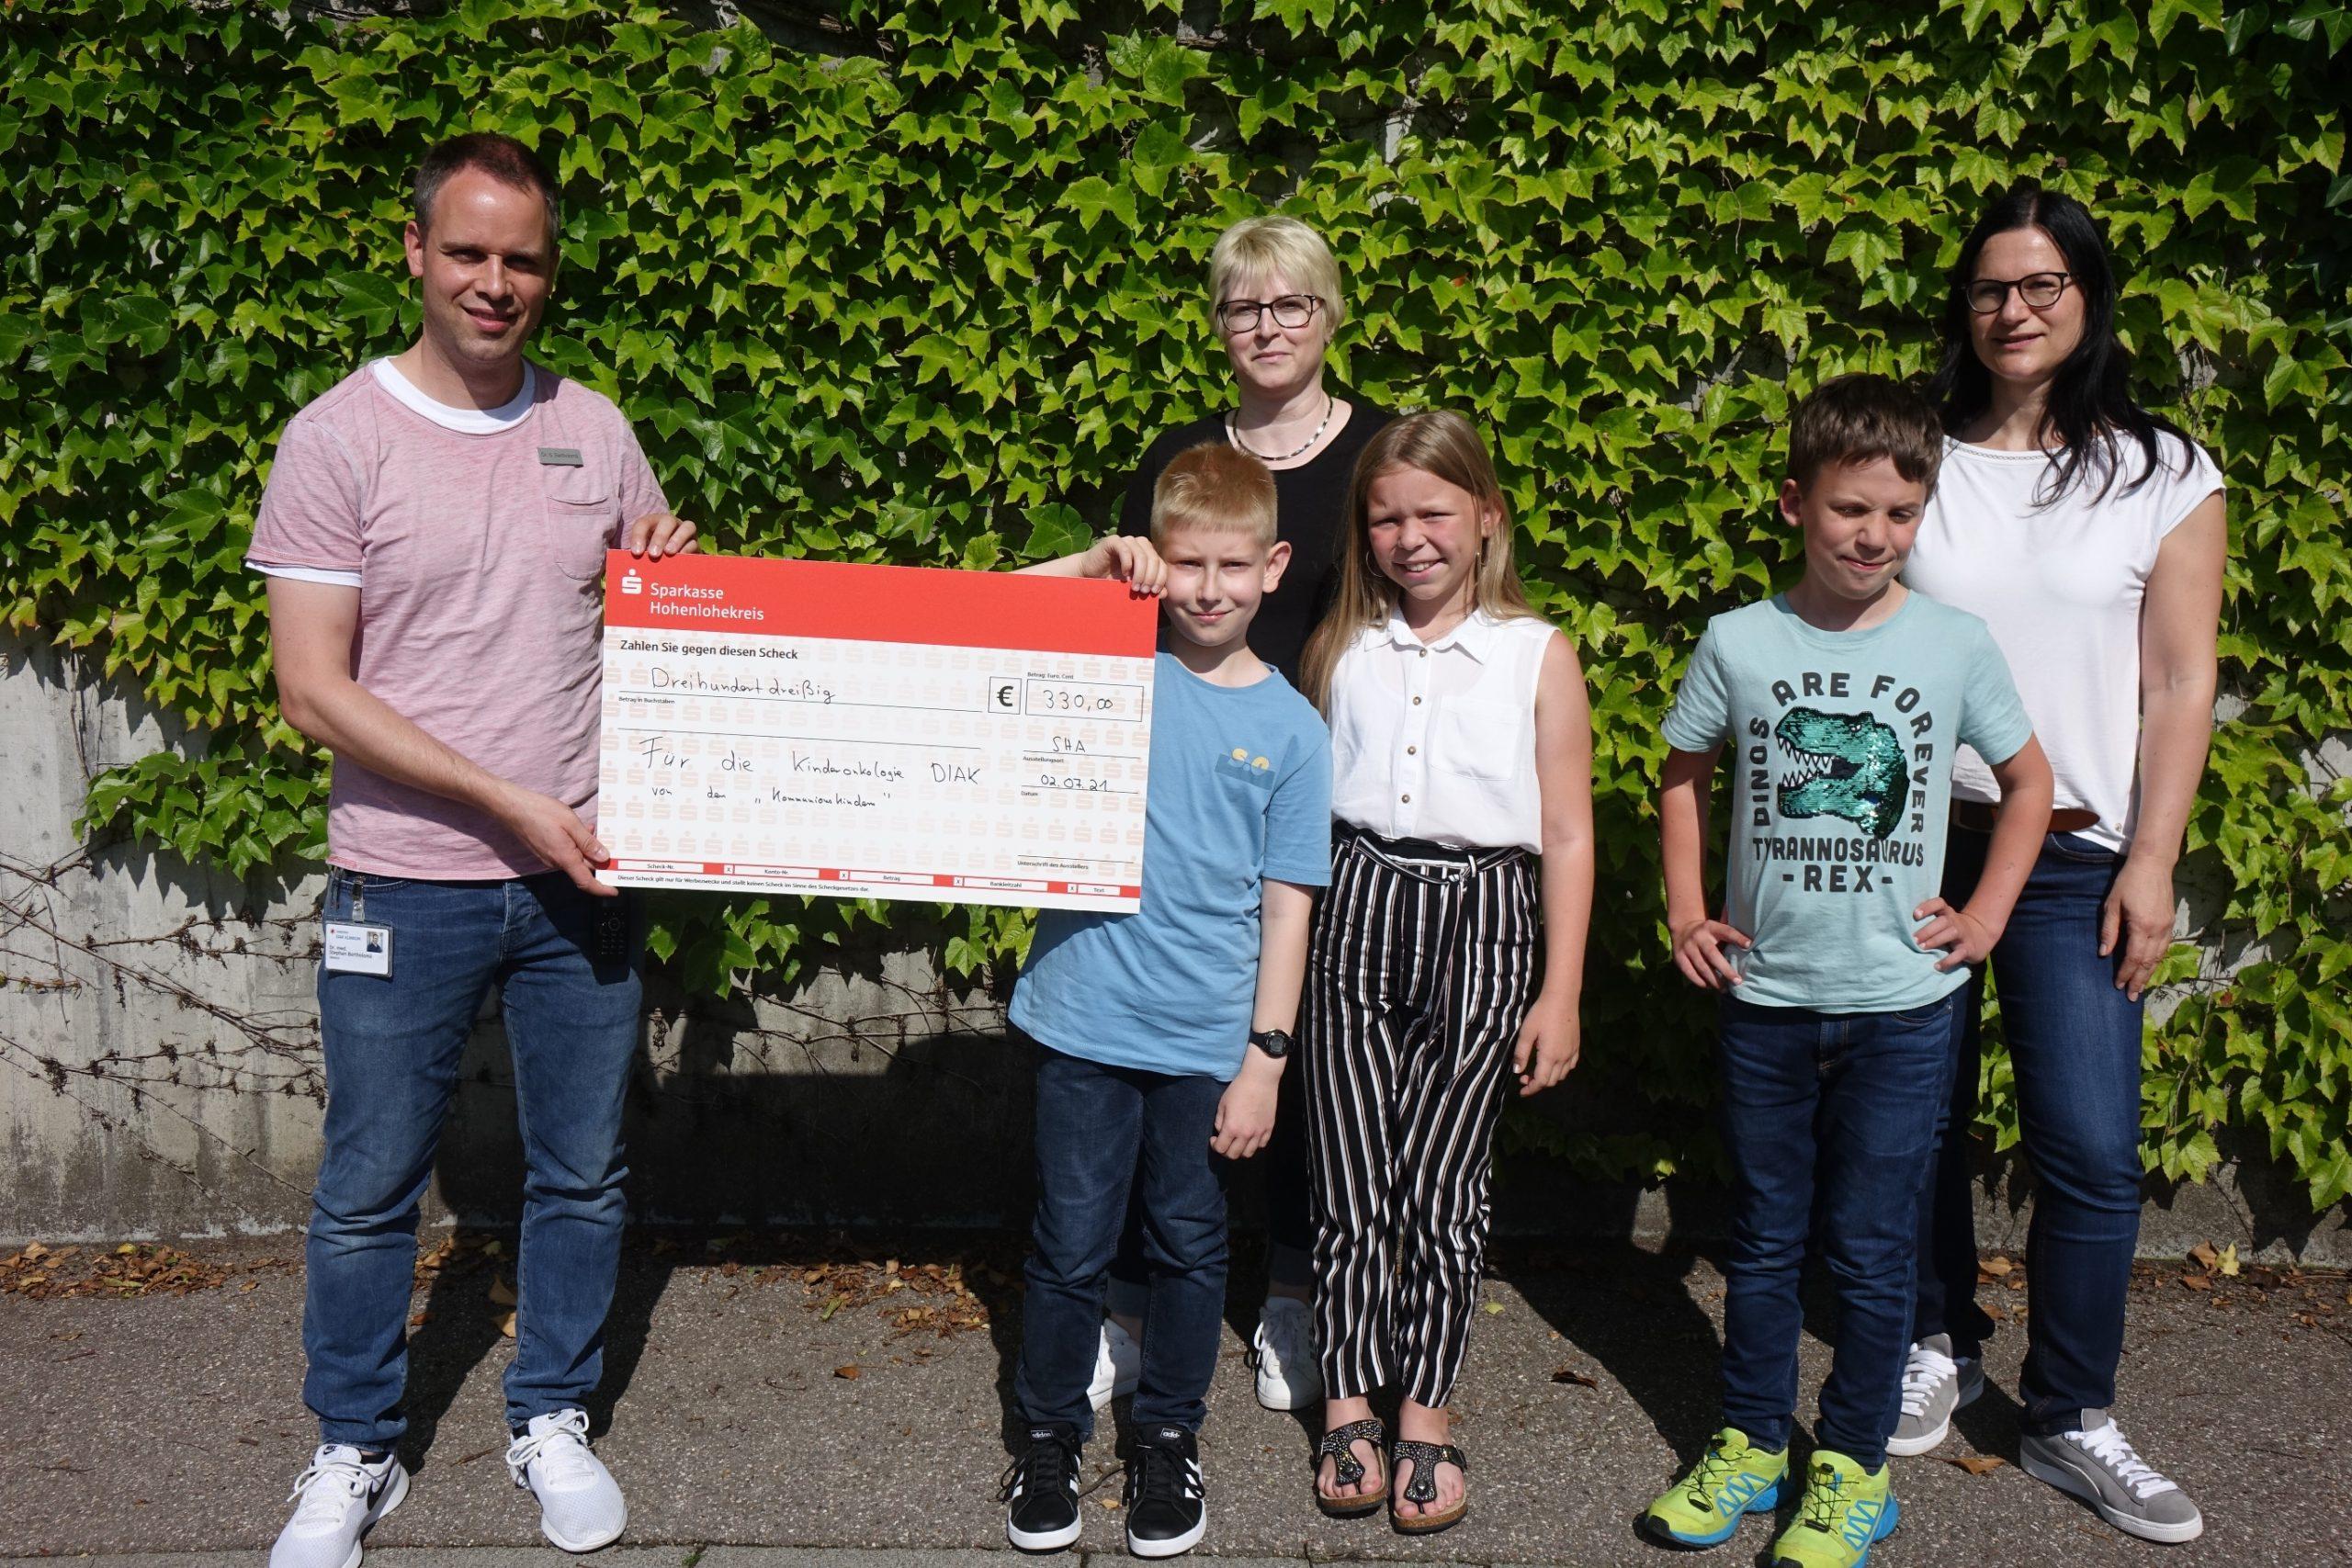 Kommunionkinder aus Schöntal-Bieringen spenden